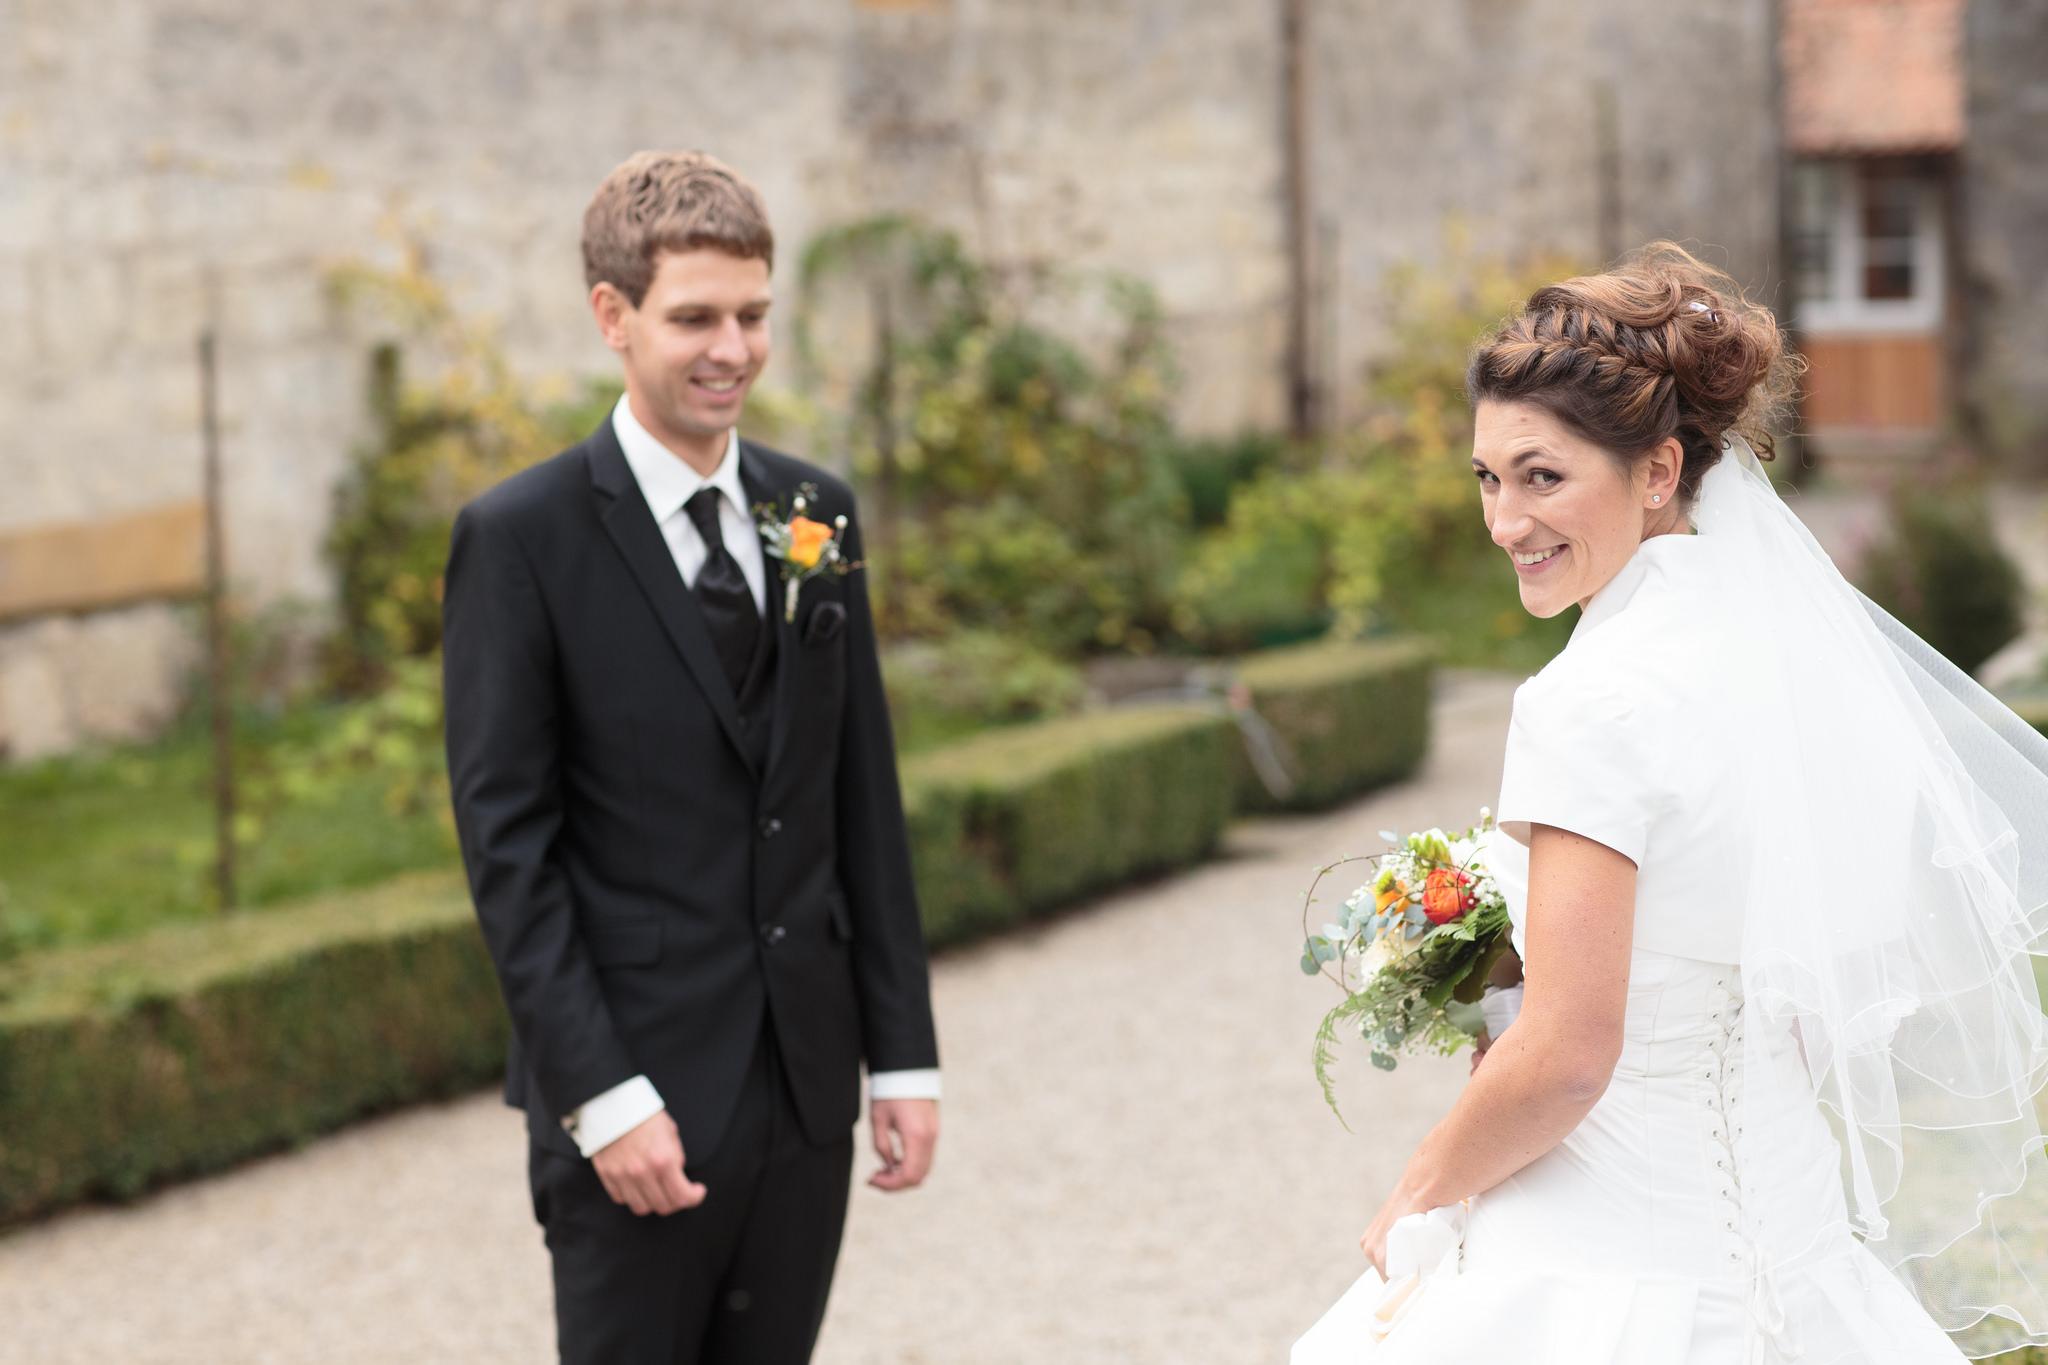 Le mariage d'automne de Madame Licorne, en brun et orange